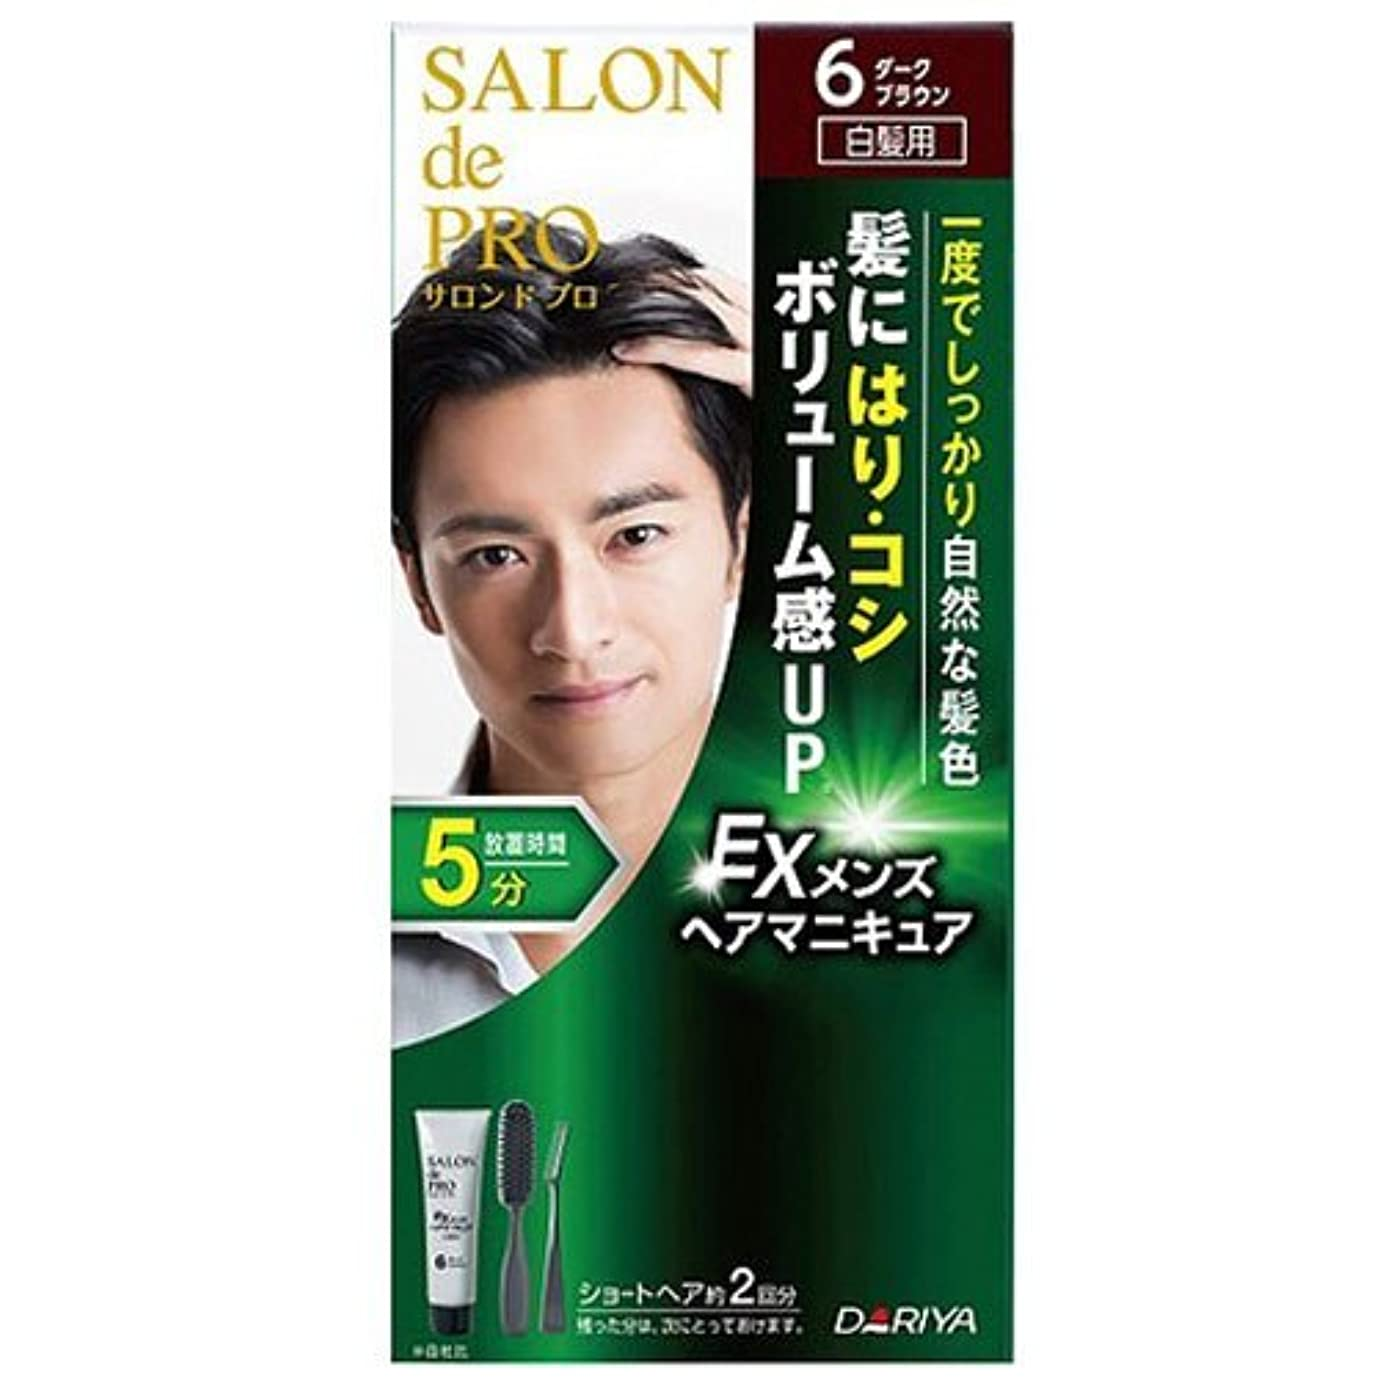 サロンドプロ EXメンズヘアマニキュア 白髪用 6 ダークブラウン